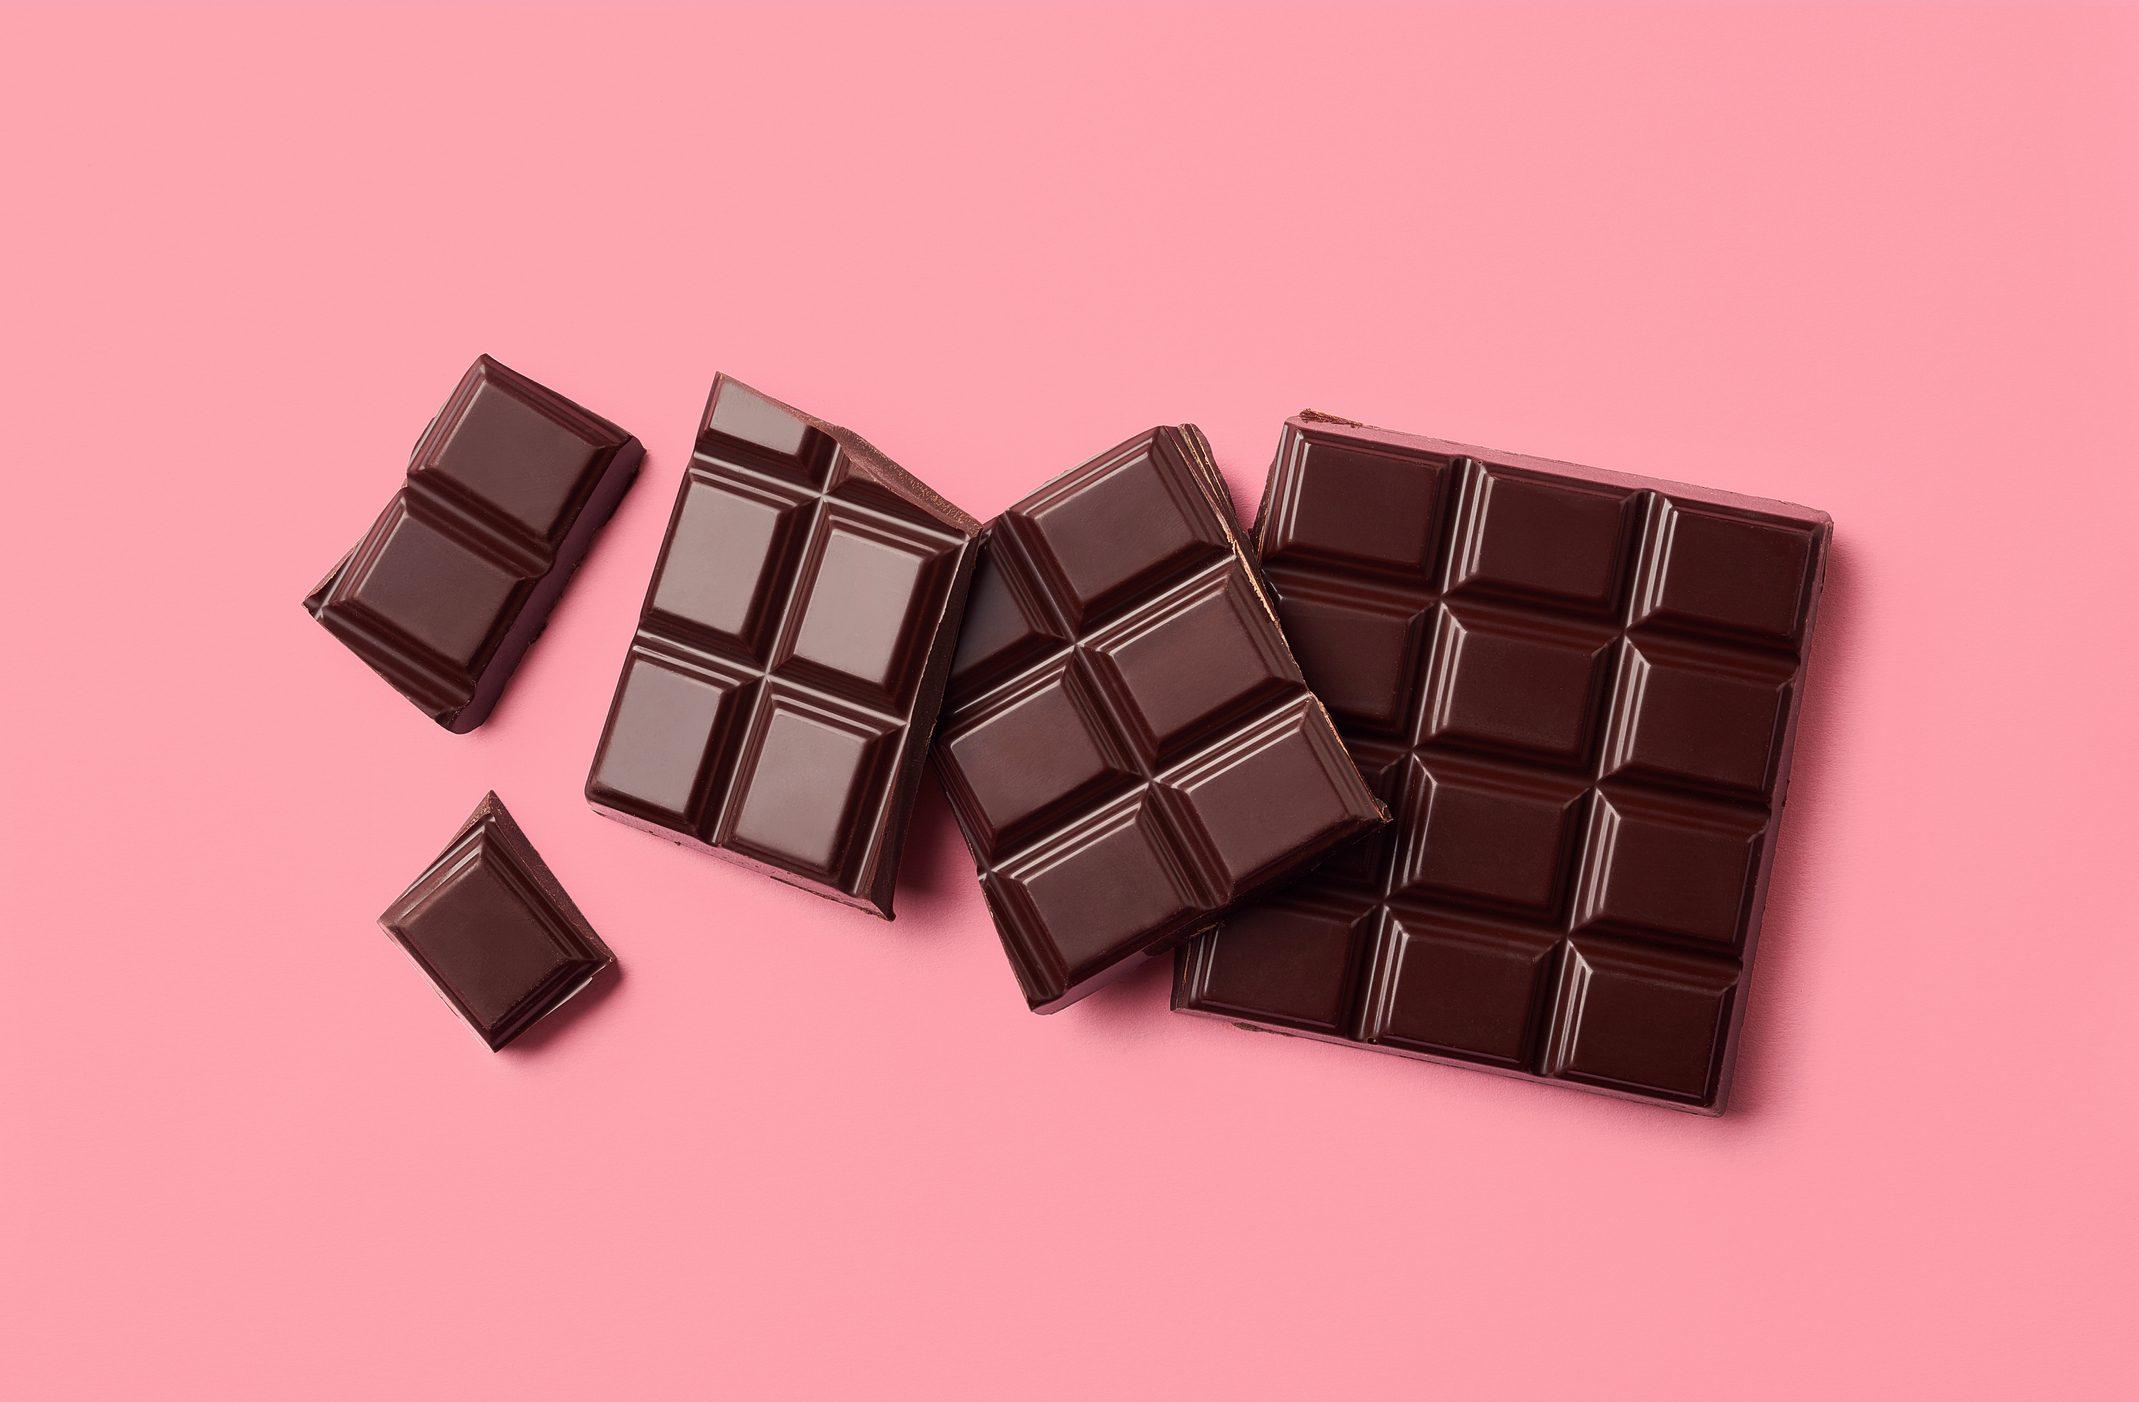 Dark chocolate on pink background